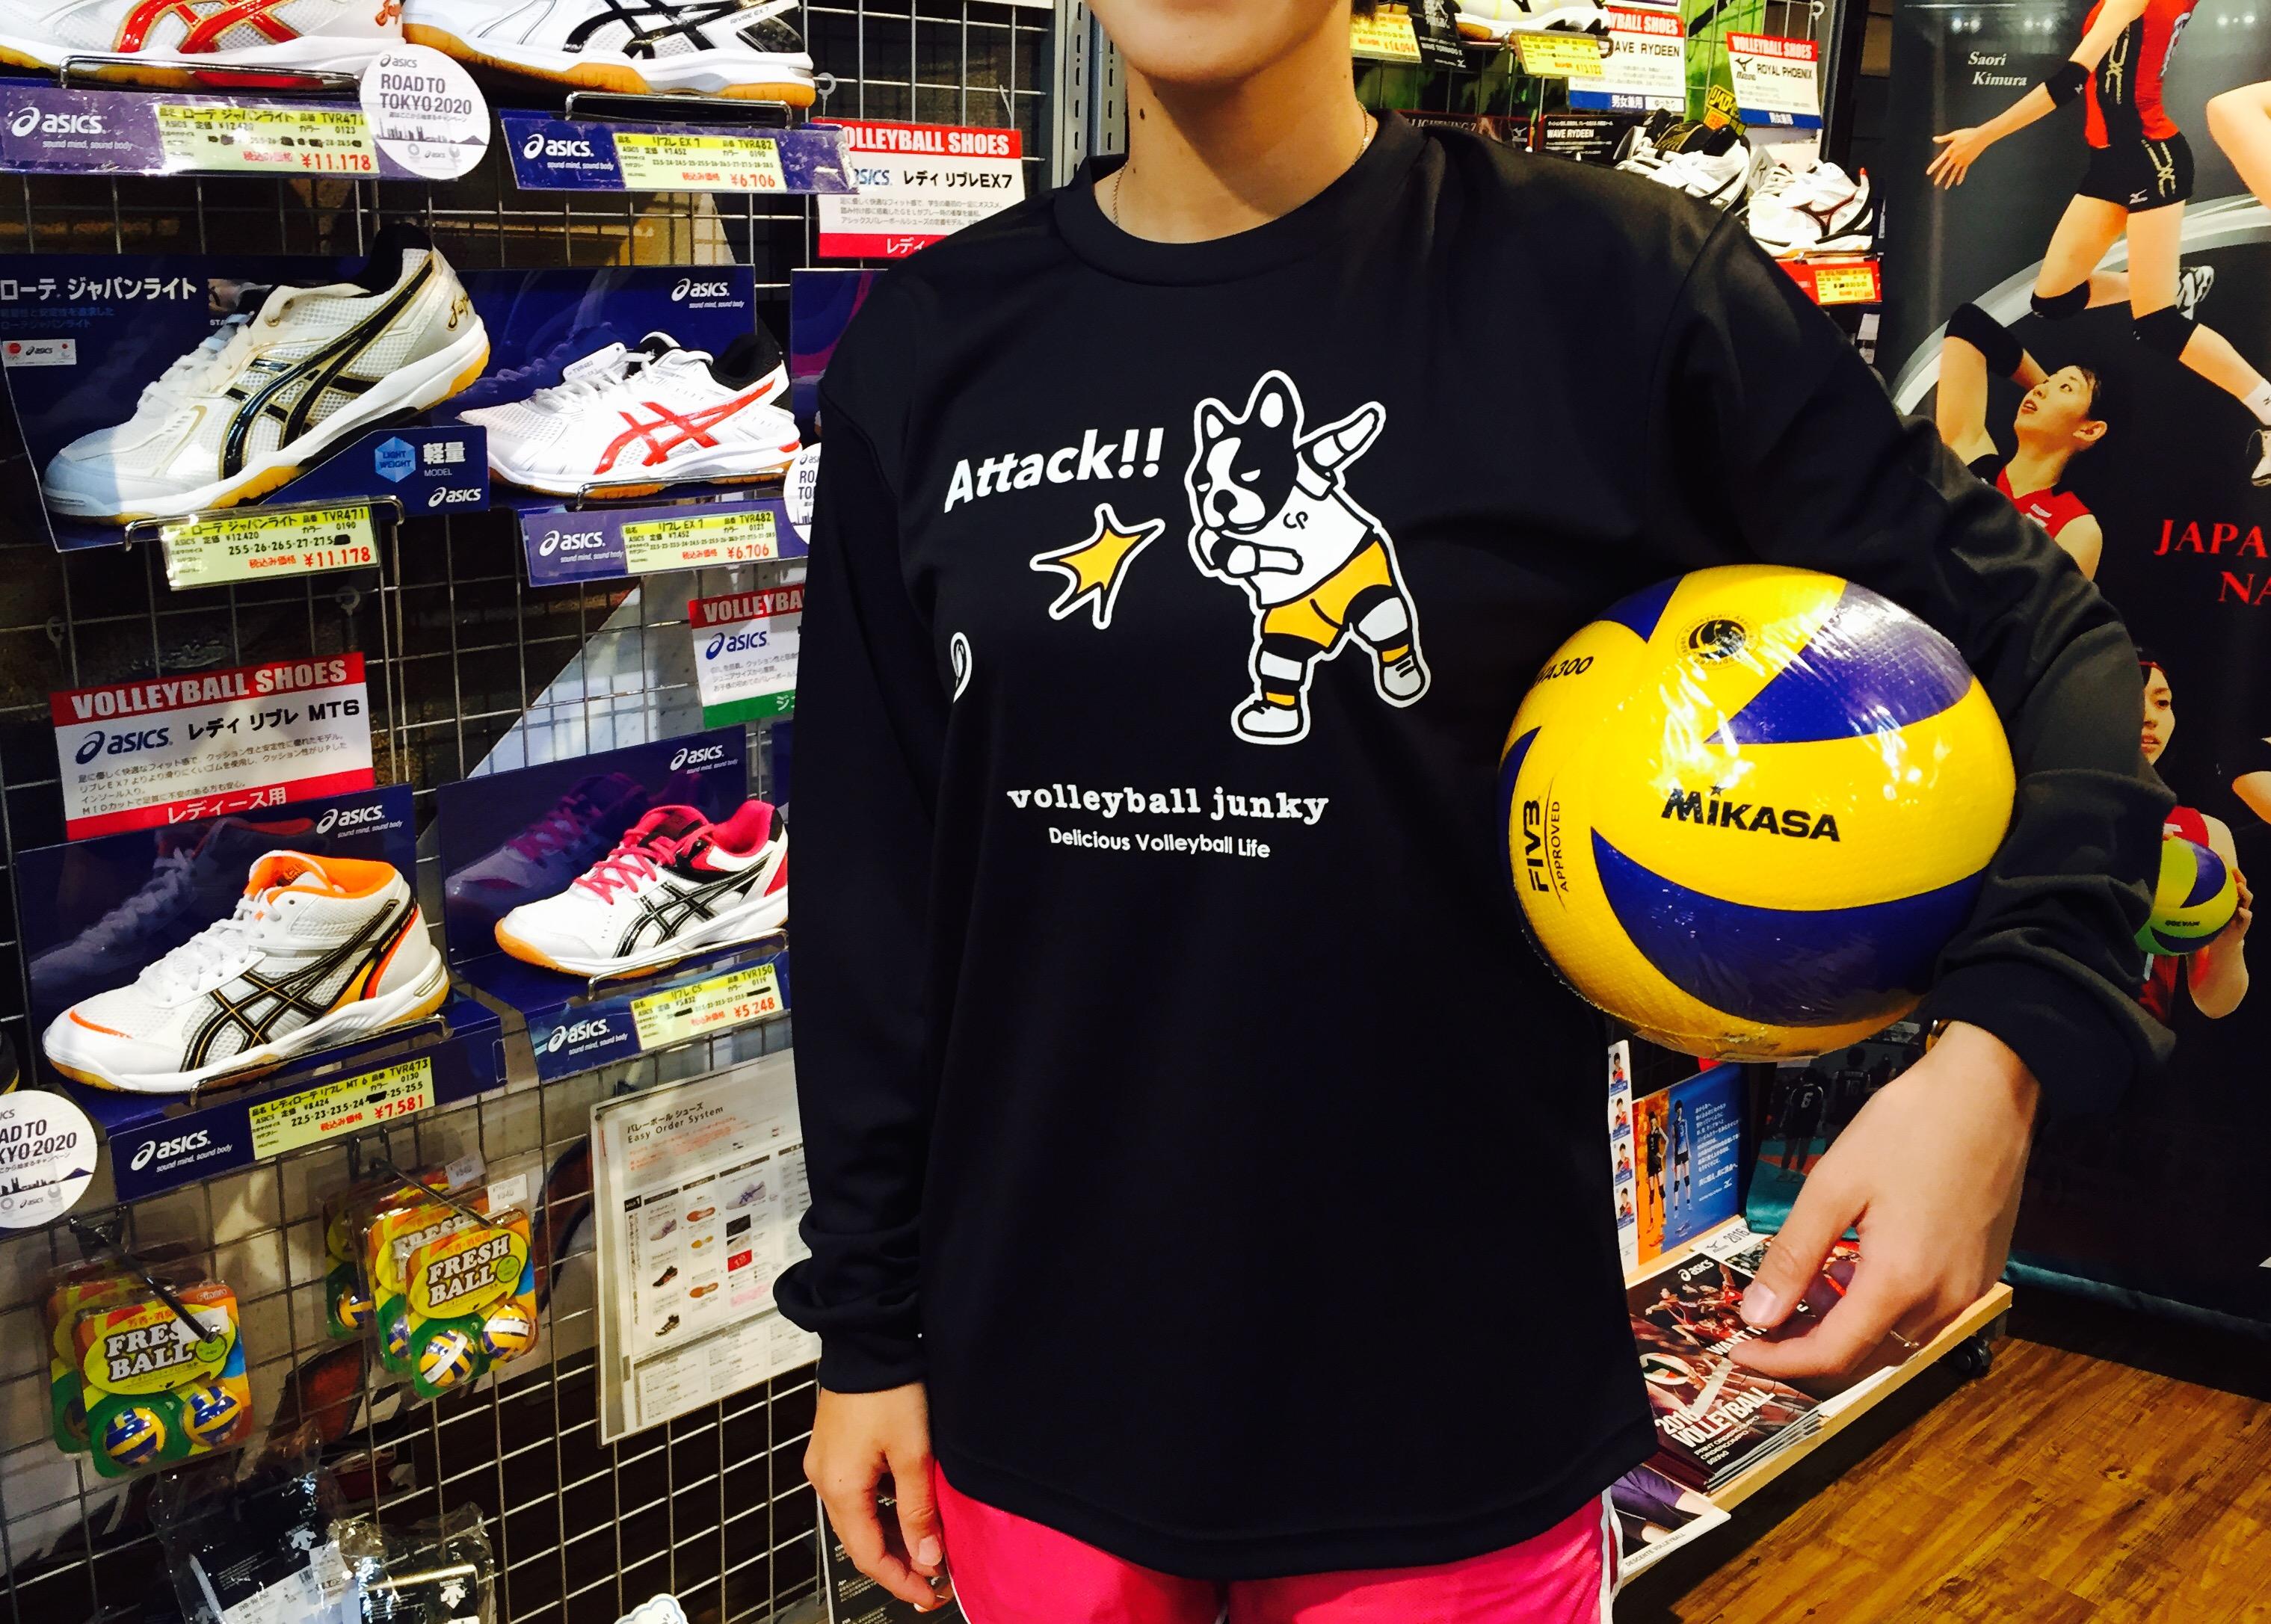 バレーボールウェアに新革命!バレーボールジャンキー!もしかして大阪、いやっ関西初上陸?!